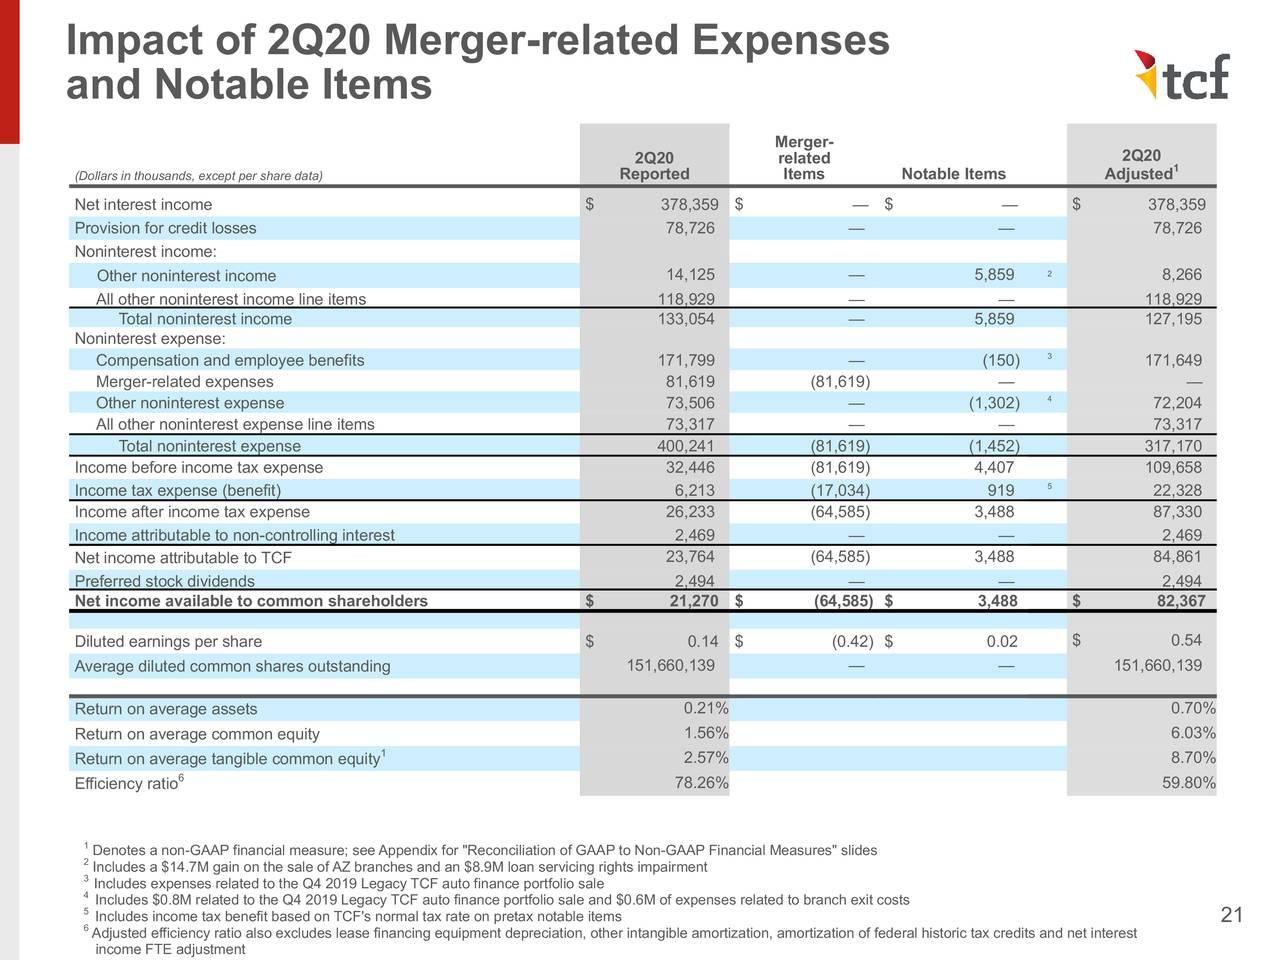 Impacto de los gastos relacionados con la fusión del 2T20